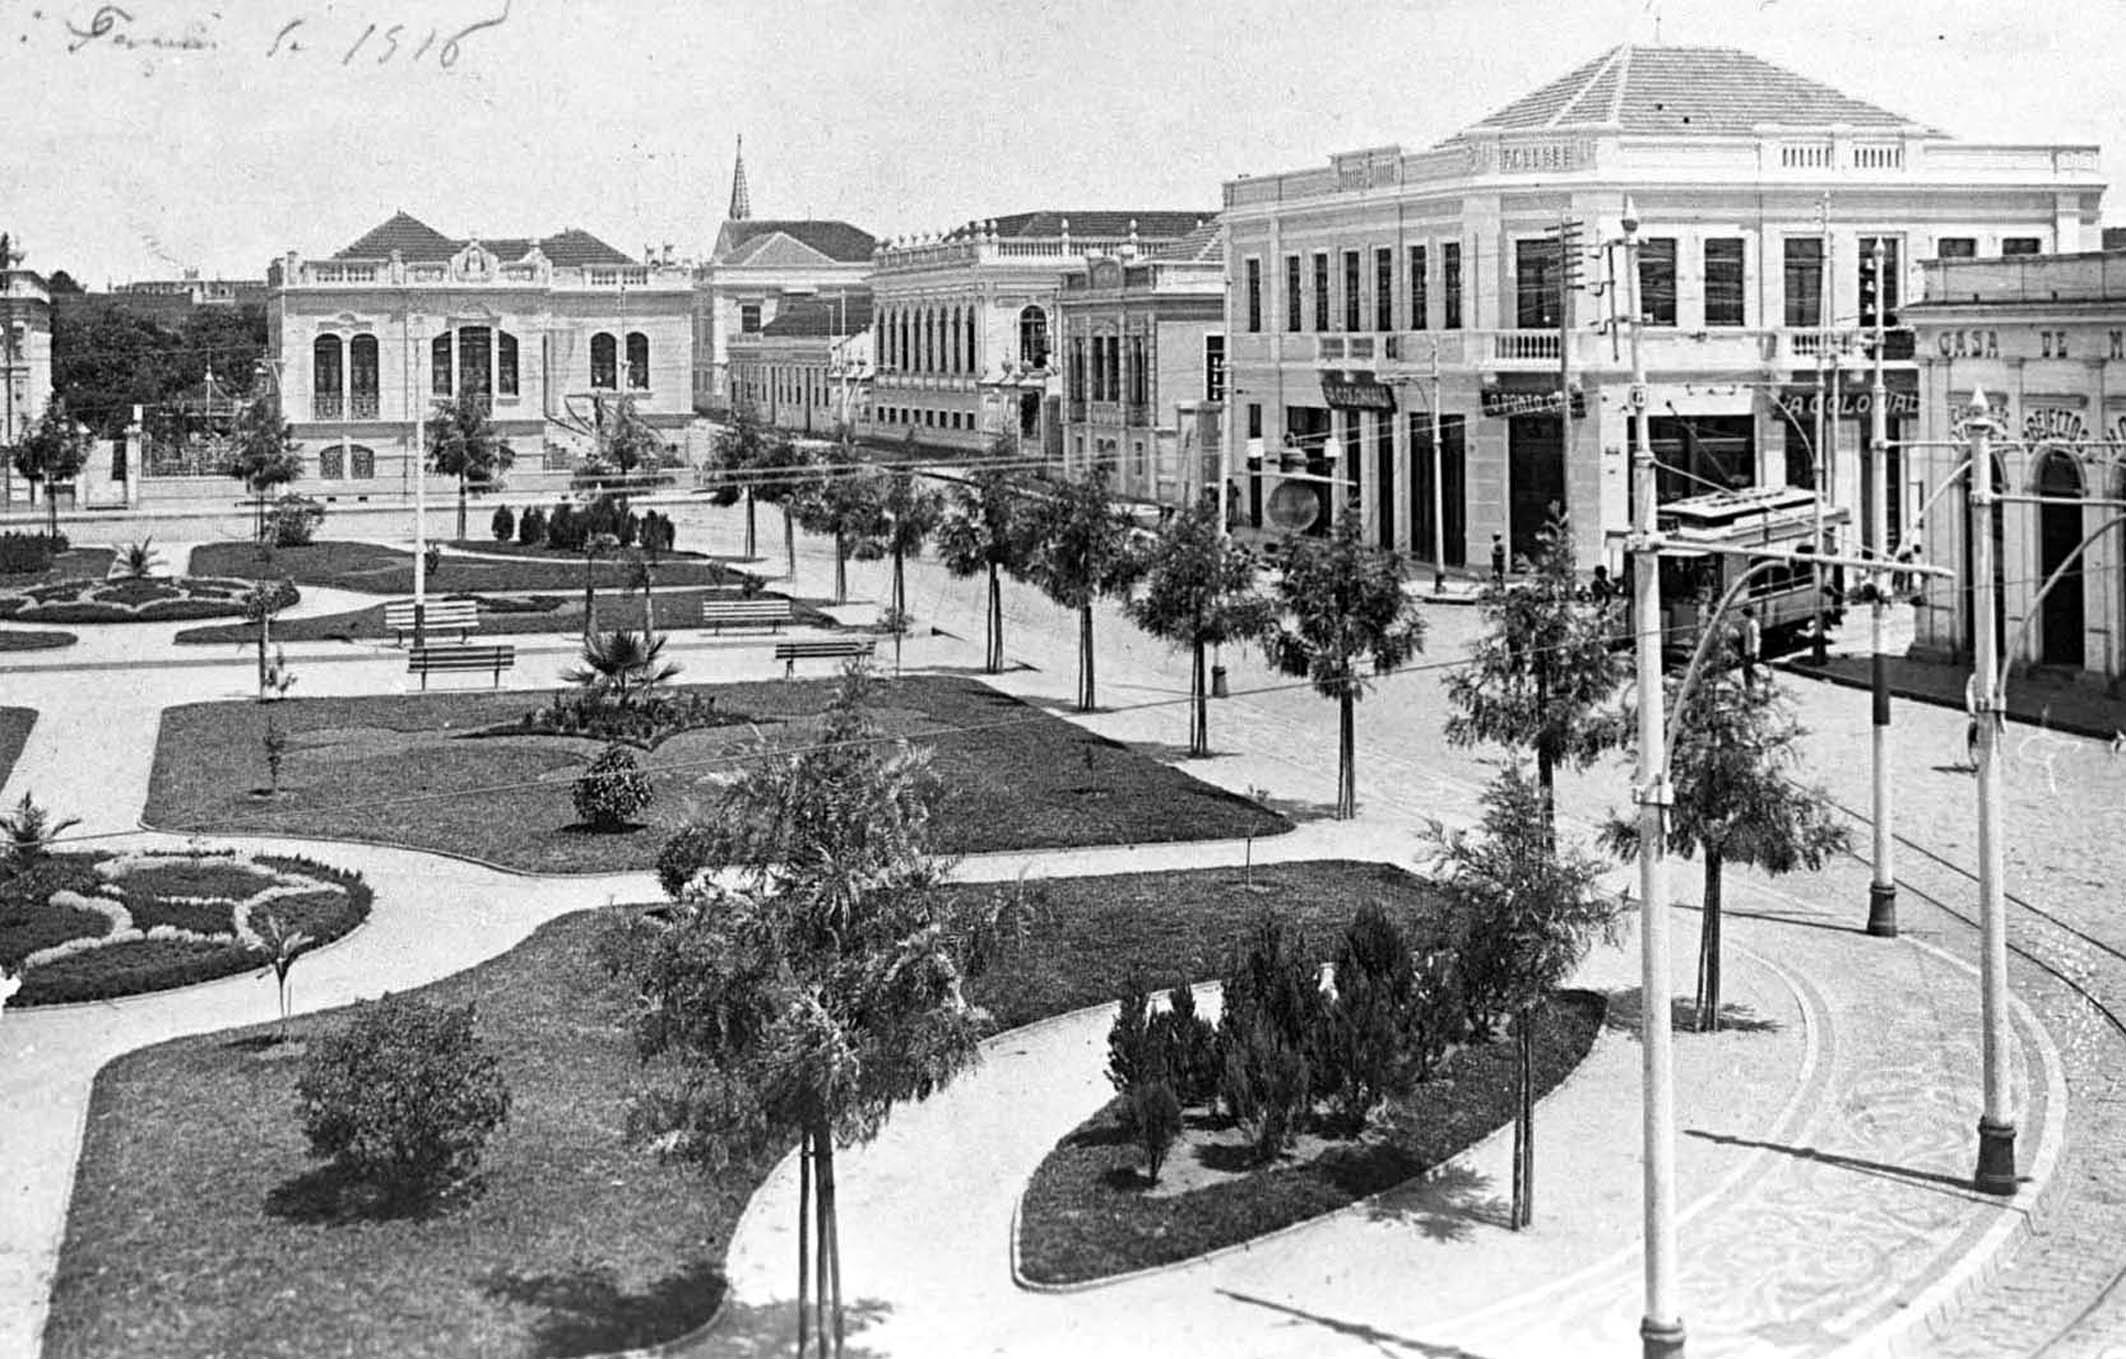 Praça Osório em 1916. Em destaque o paisagismo à francesa, recém-implantado na Praça Osório. O local exibe sua infraestrutura moderna: iluminação pública sustentada por sofisticados postes de ferro, calçamento e via pavimentada. Ao fundo, a residência de Affonso Camargo.